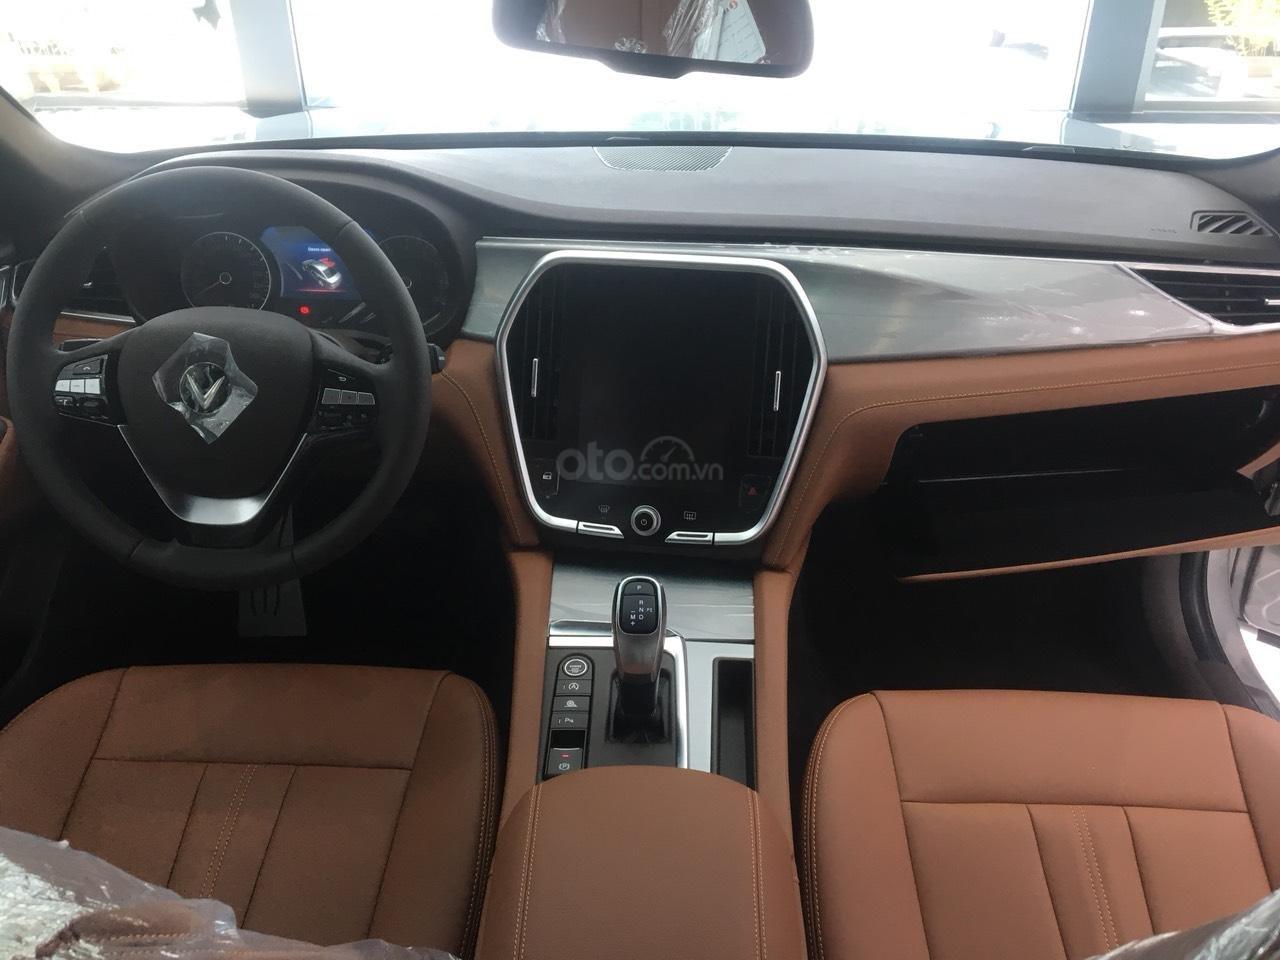 Bán xe VinFast LUX A2.0 full-Da Nappa Nâu 2019, màu bạc 0911234775 em Long (13)